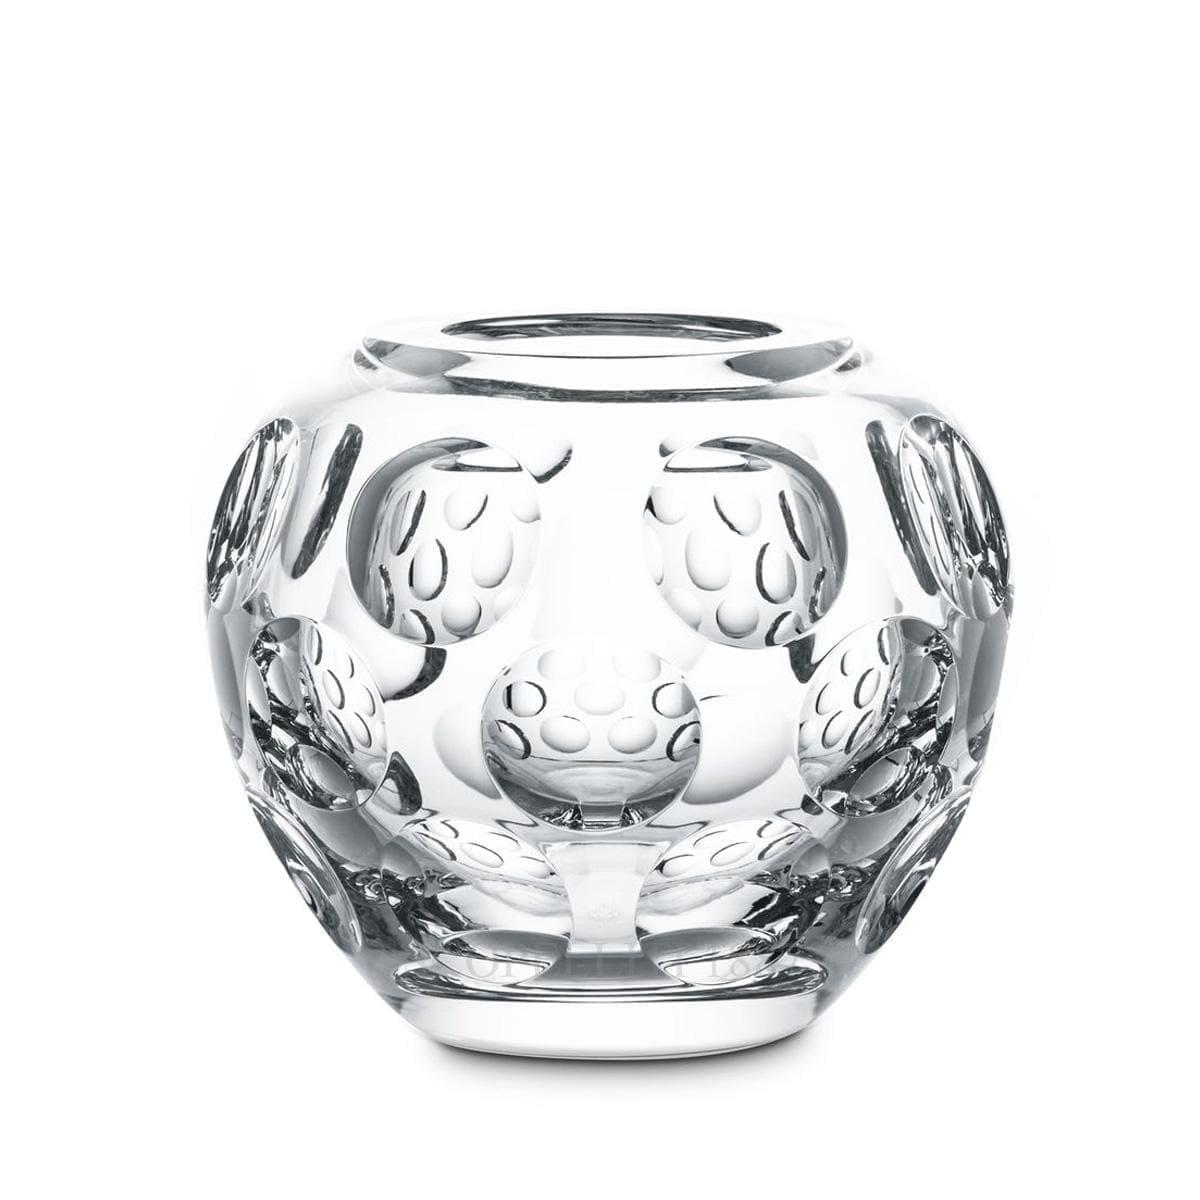 baccarat crystal french design heritage pontil vase